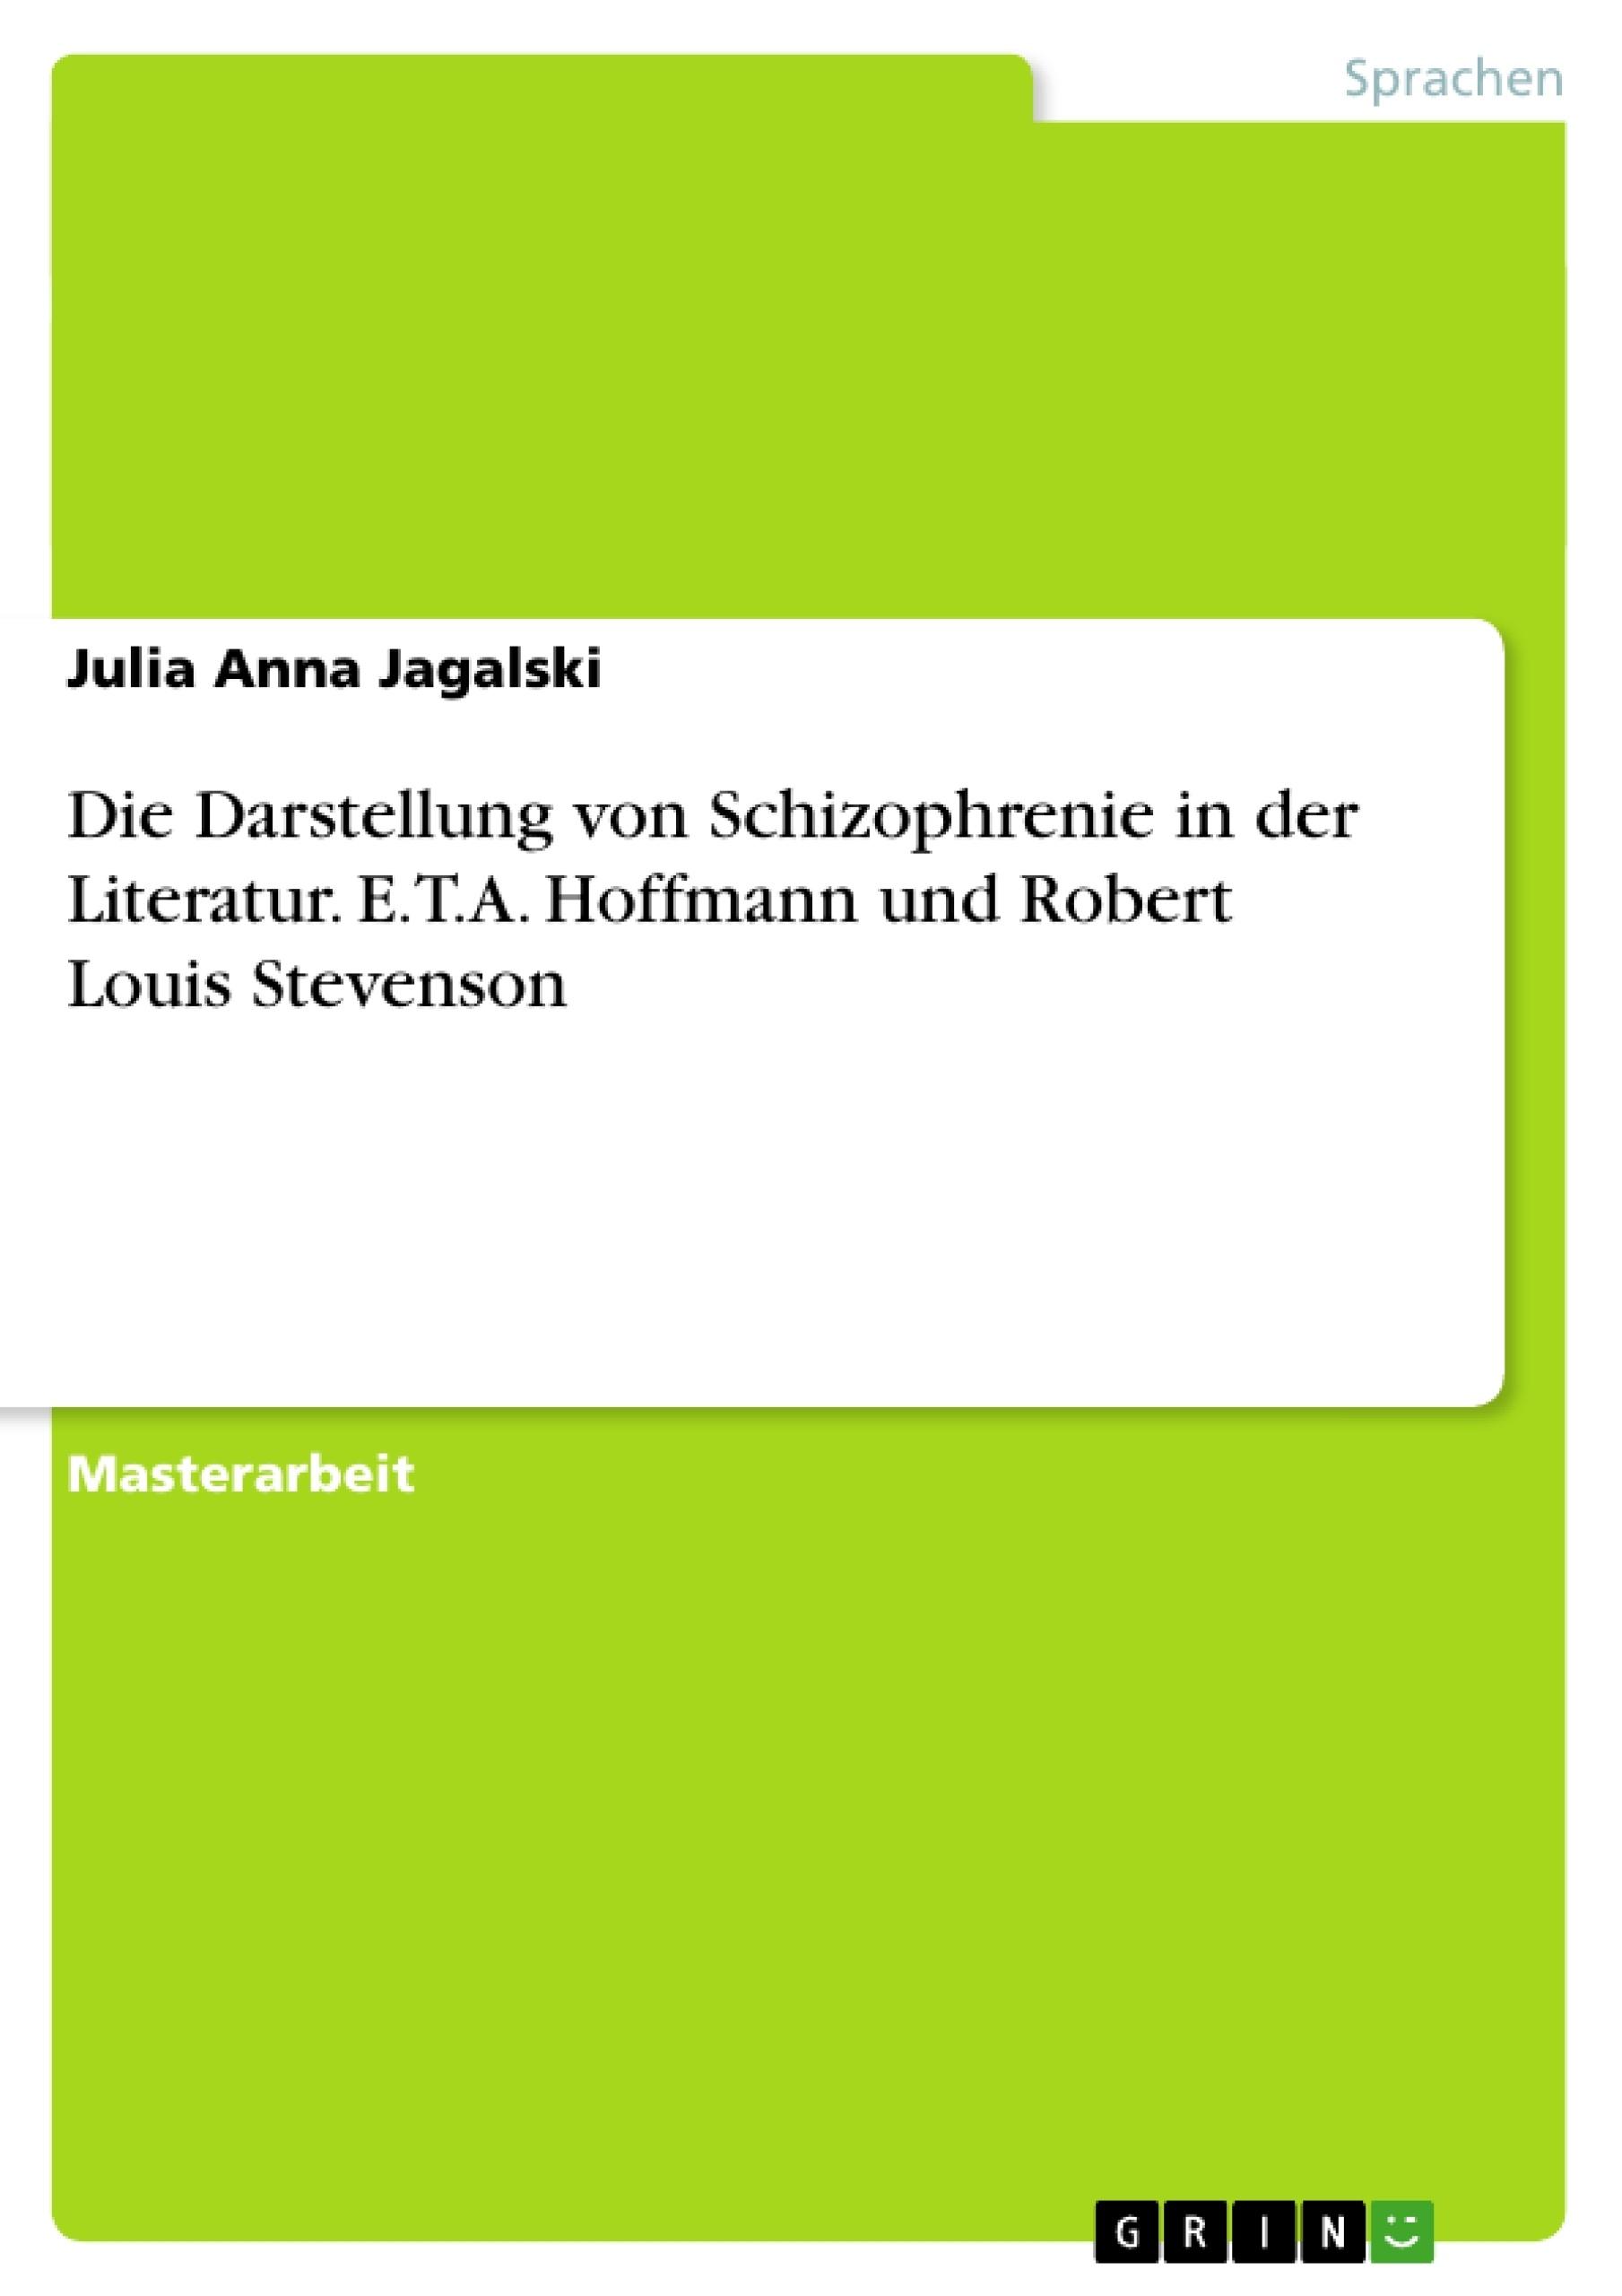 Titel: Die Darstellung von Schizophrenie in der Literatur. E.T.A. Hoffmann und Robert Louis Stevenson